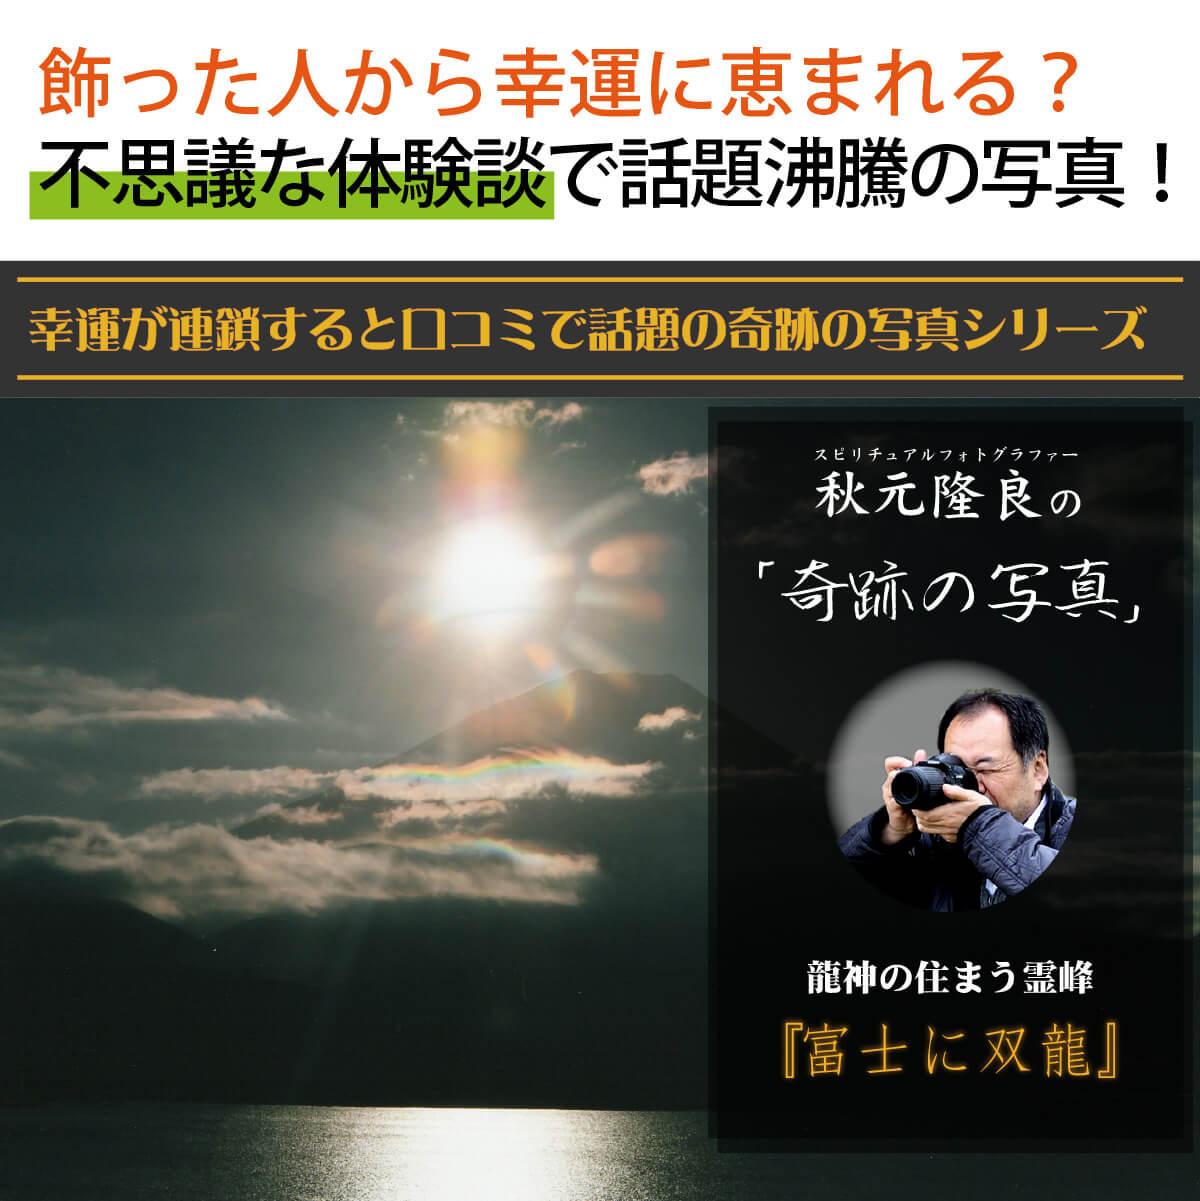 【奇跡の写真】富士に双龍 ≫飾るだけで幸運が連鎖すると話題!秋元隆良の開運フォト作品 開運グッズ